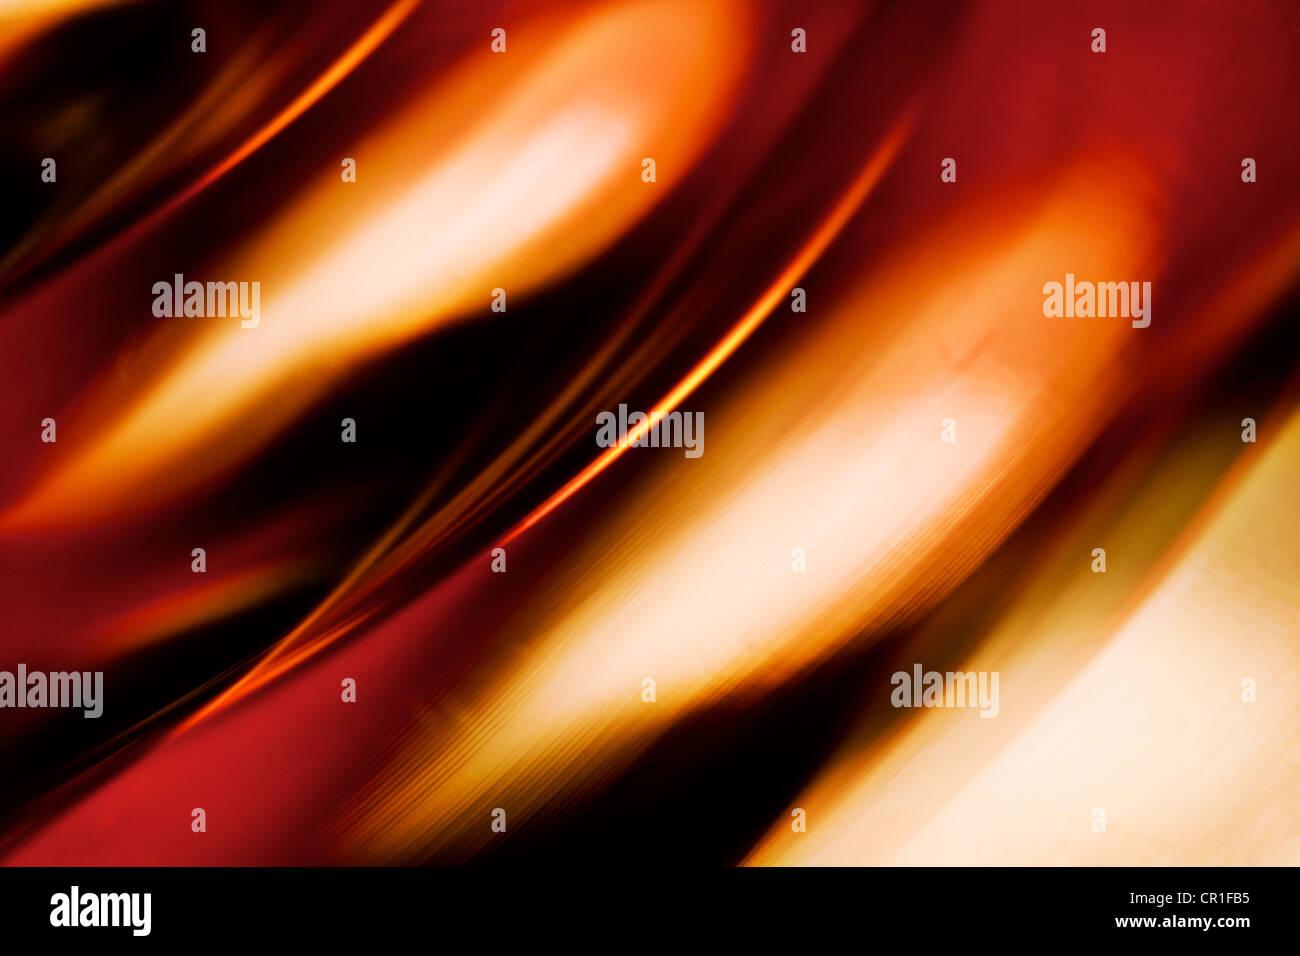 Nahaufnahme des farbigen Glases. Abstraktes Bild mit einer hohen Vergrößerung-Makro-Objektiv aufgenommen. Stockfoto